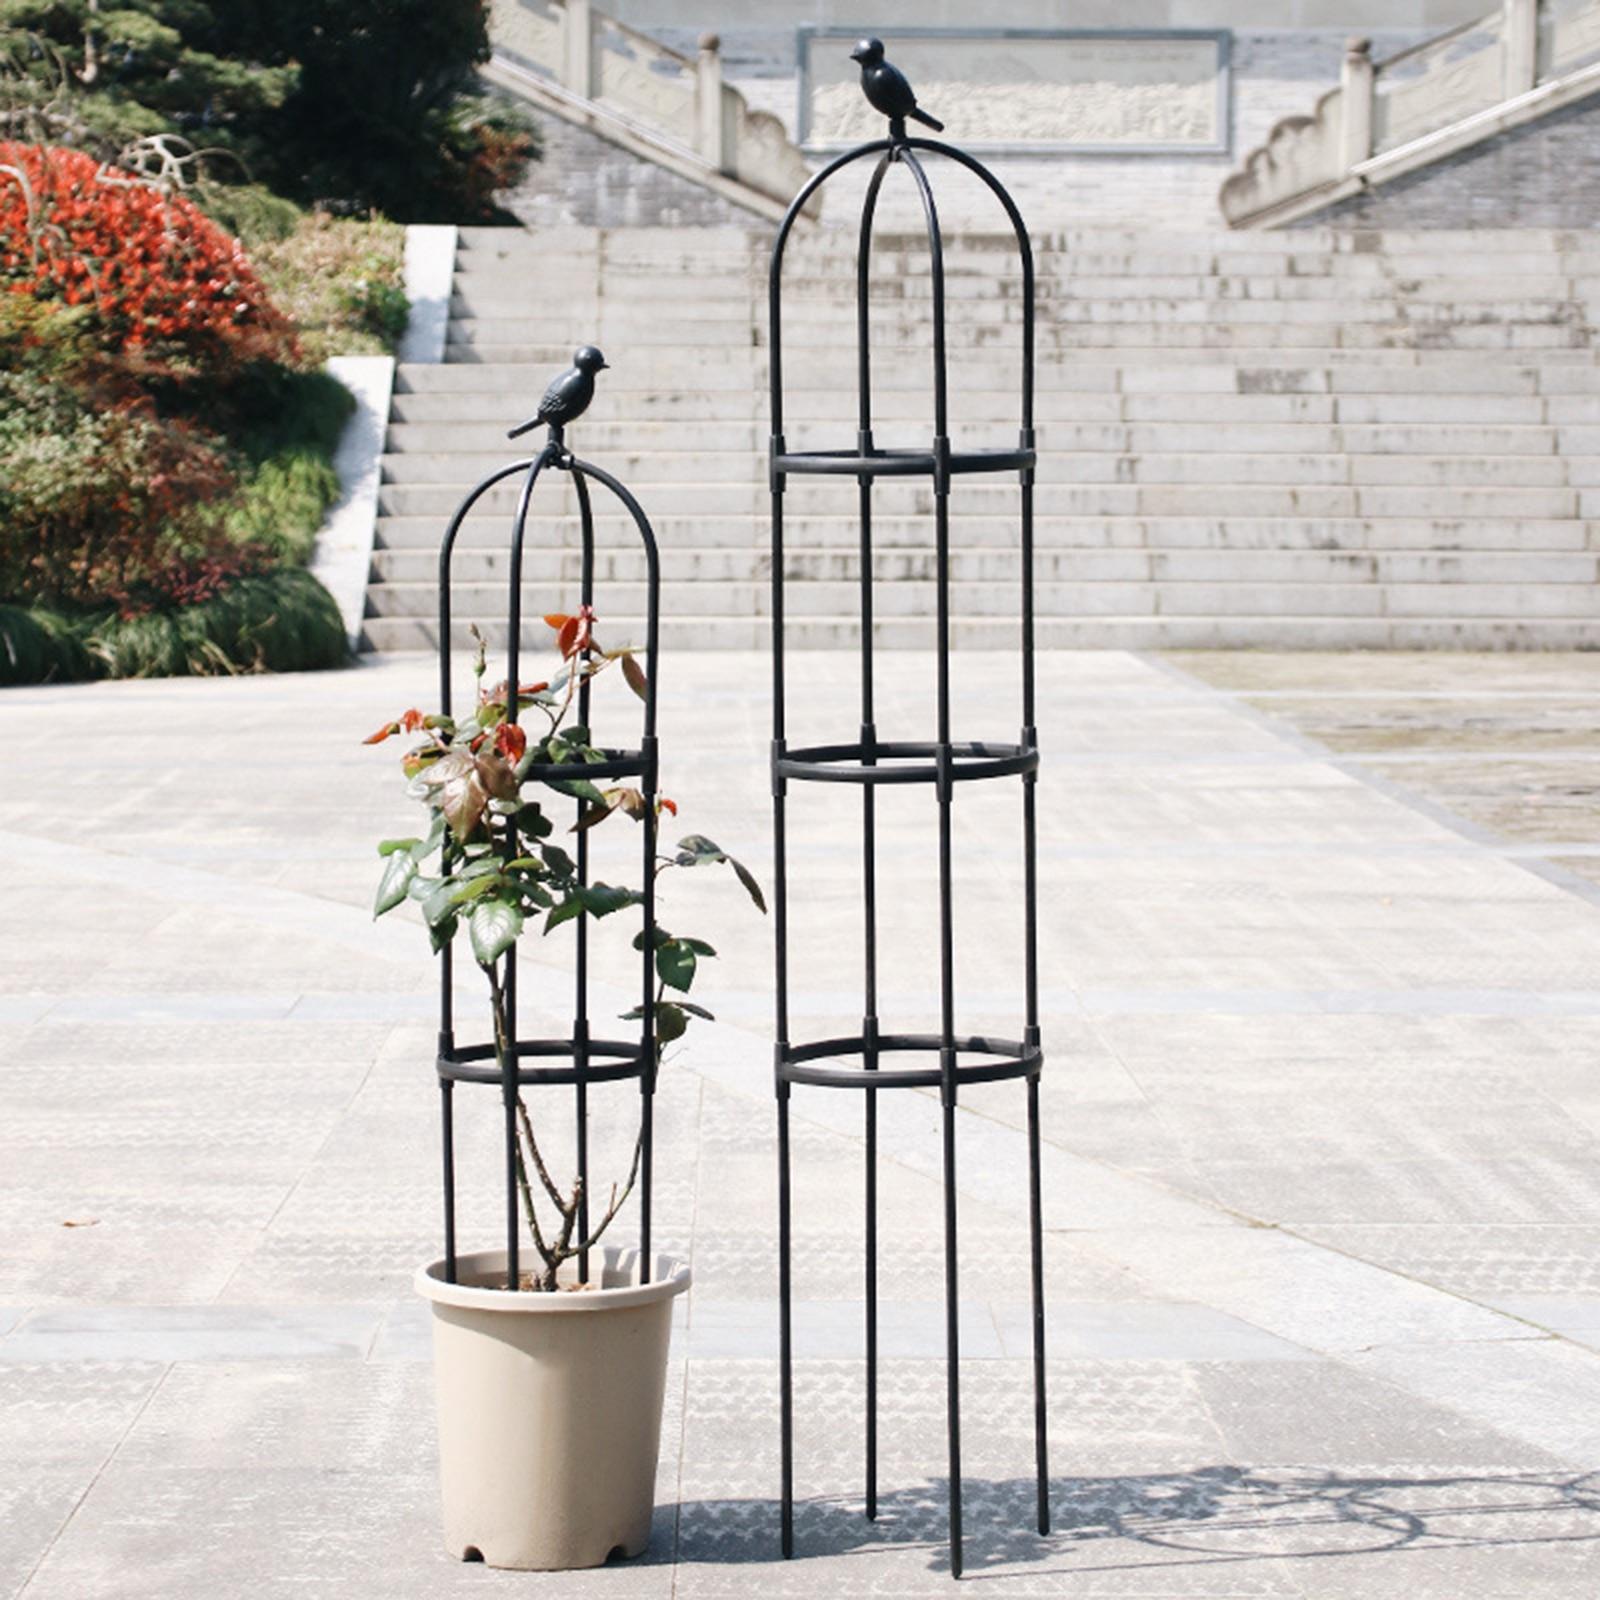 النباتات الزهور تعريشة تقف الجرف كليماتيس الصلب البلاستيك المغلفة الحديد 1 مجموعة 150 سنتيمتر الكرز الوردي دائم البستنة تسلق الإطار